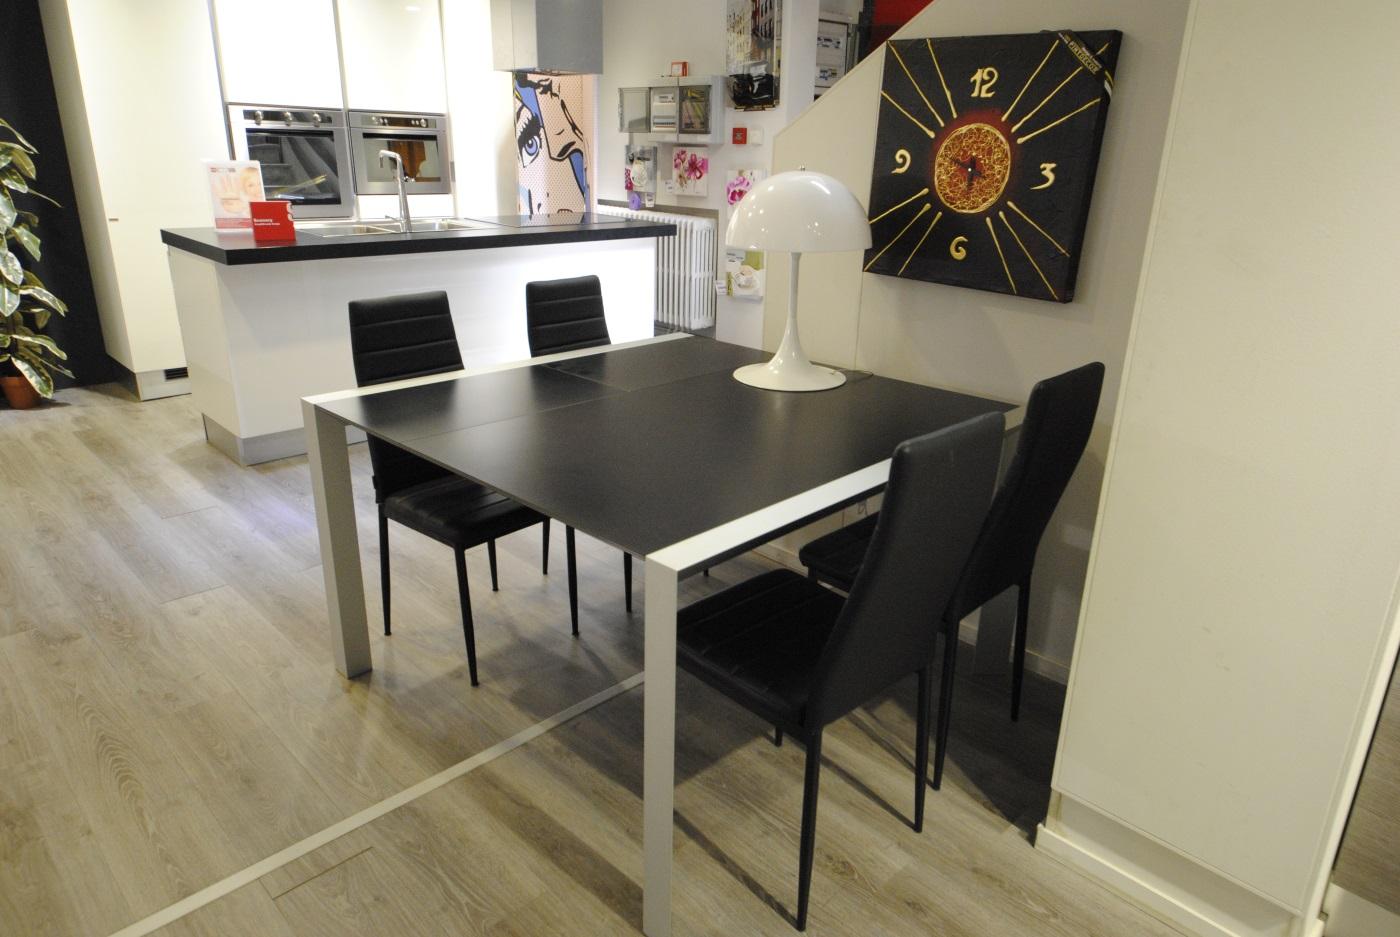 Offerta tavolo allungabile ciacci modello domino san for Tavolo allungabile offerta